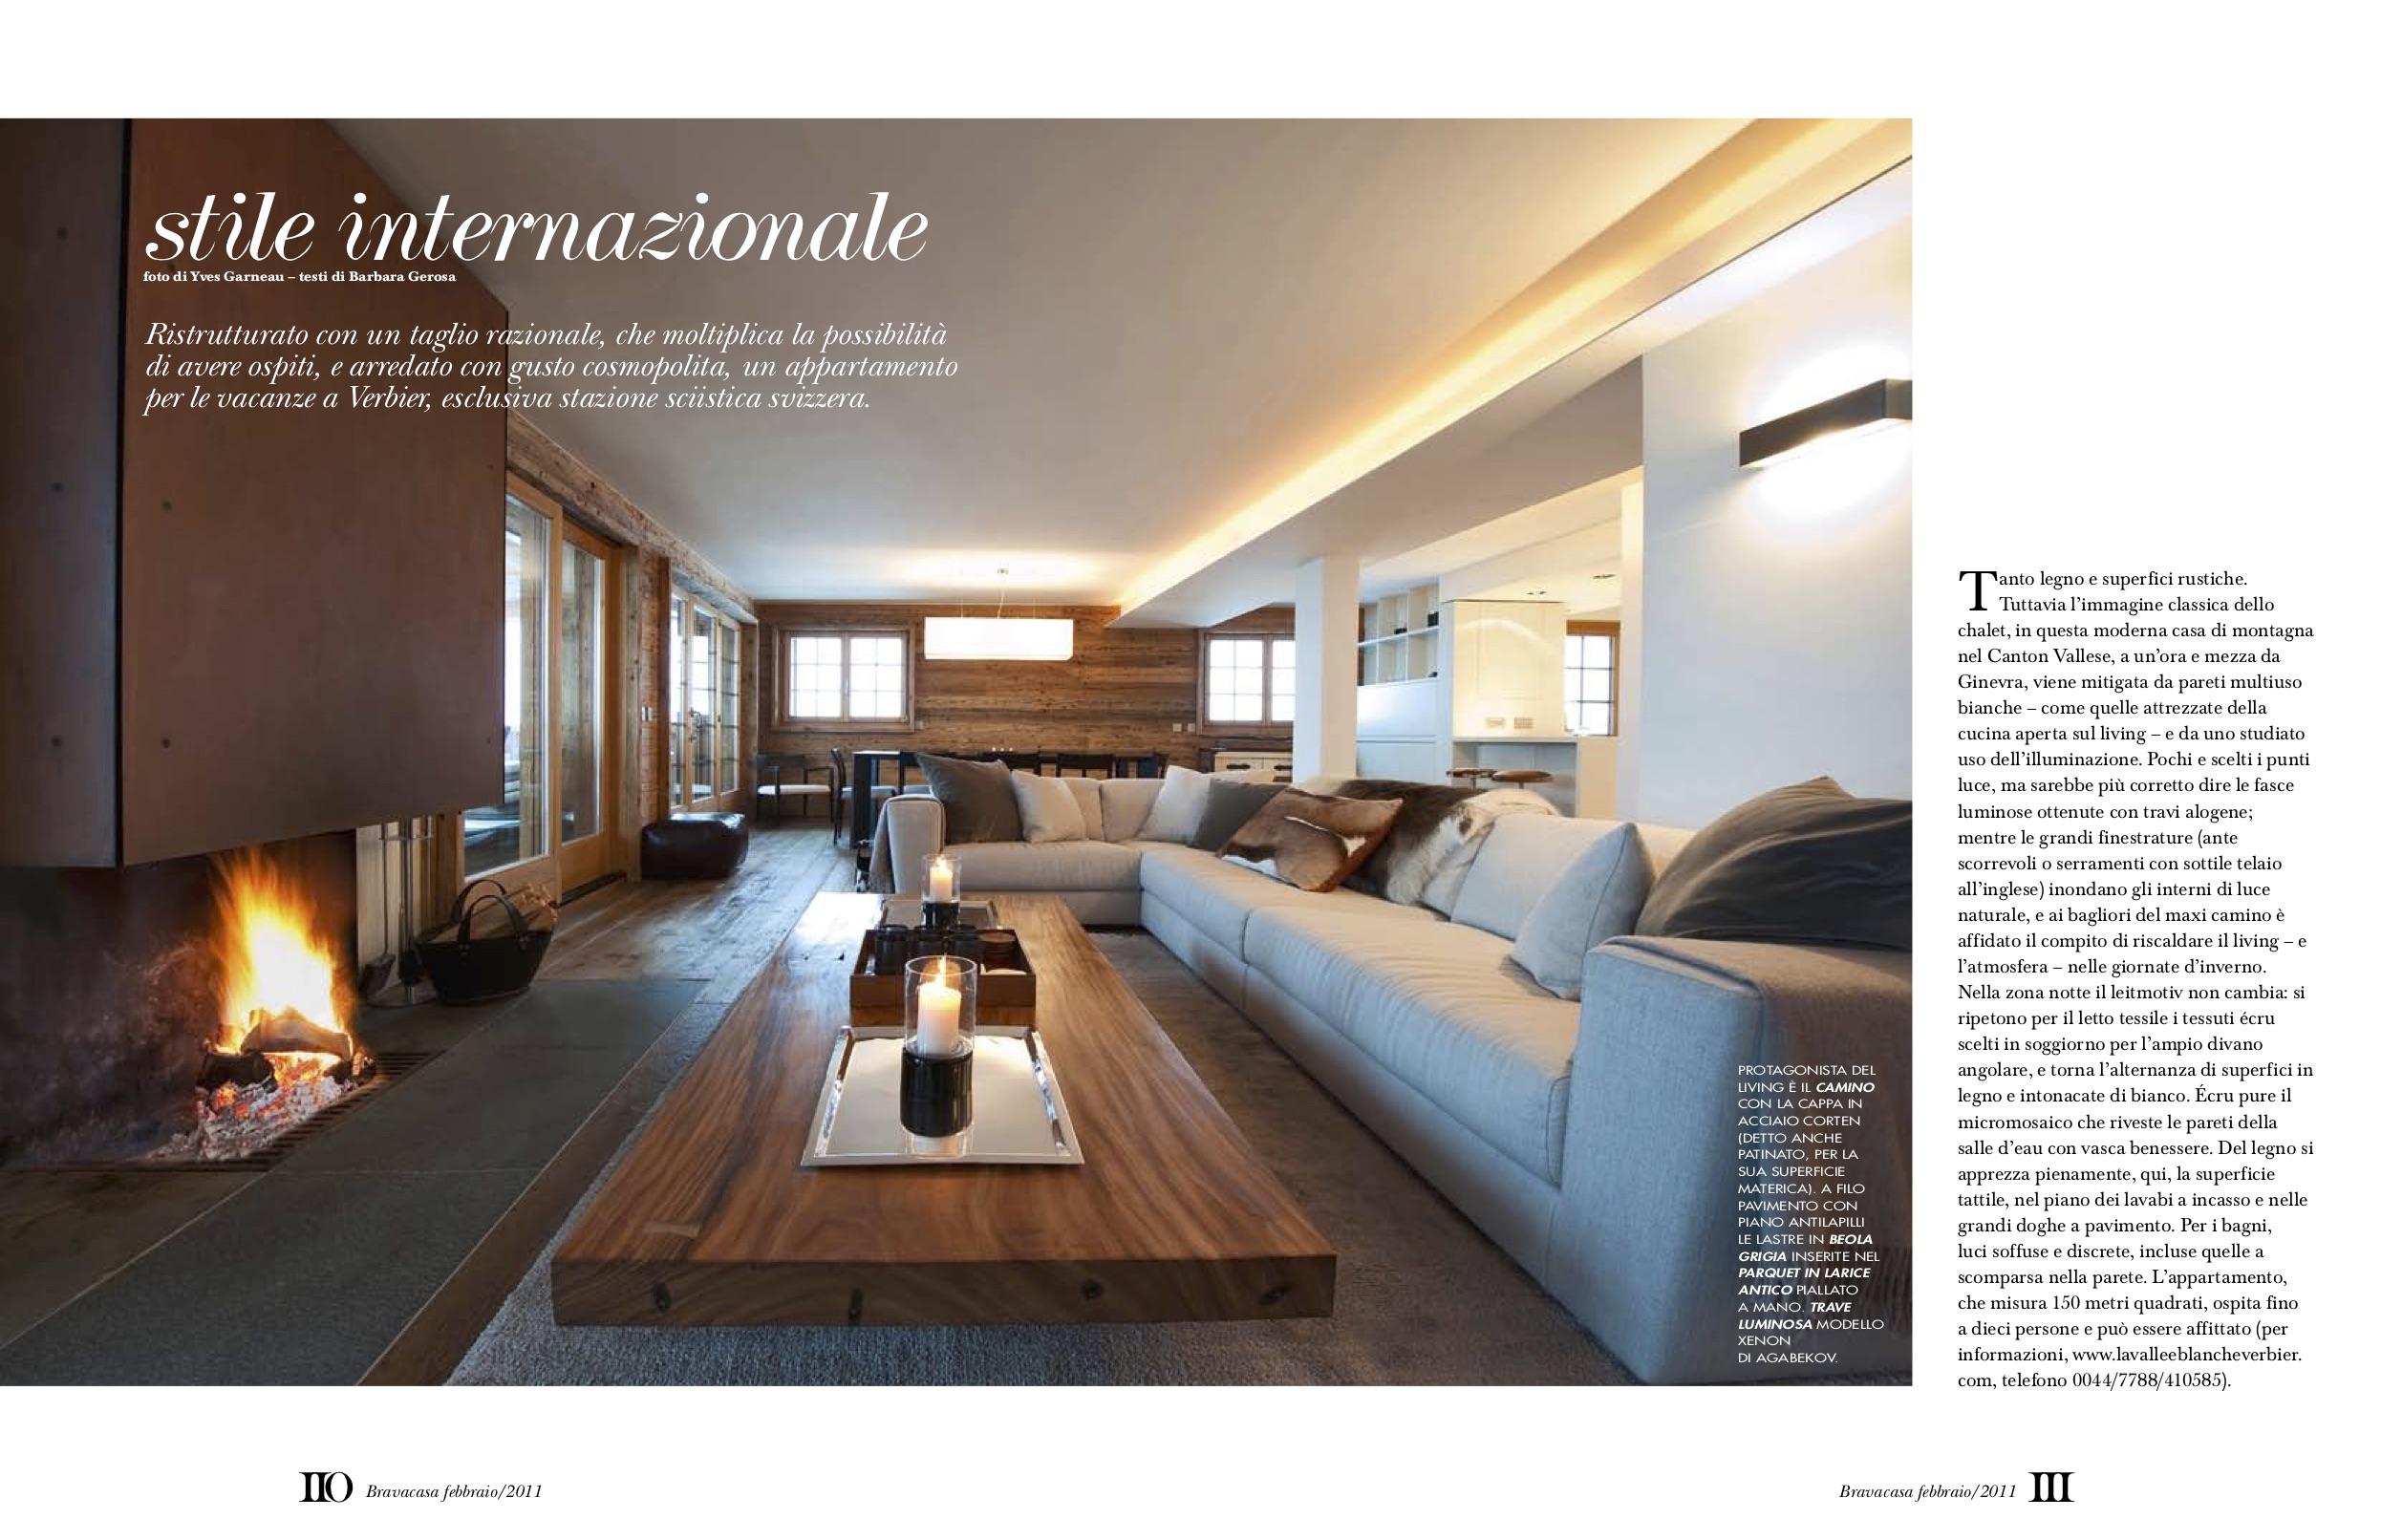 Case Arredate Con Gusto 104 la vallèe blanche, luxury 170 sq mtr, 4 bedroom chalet